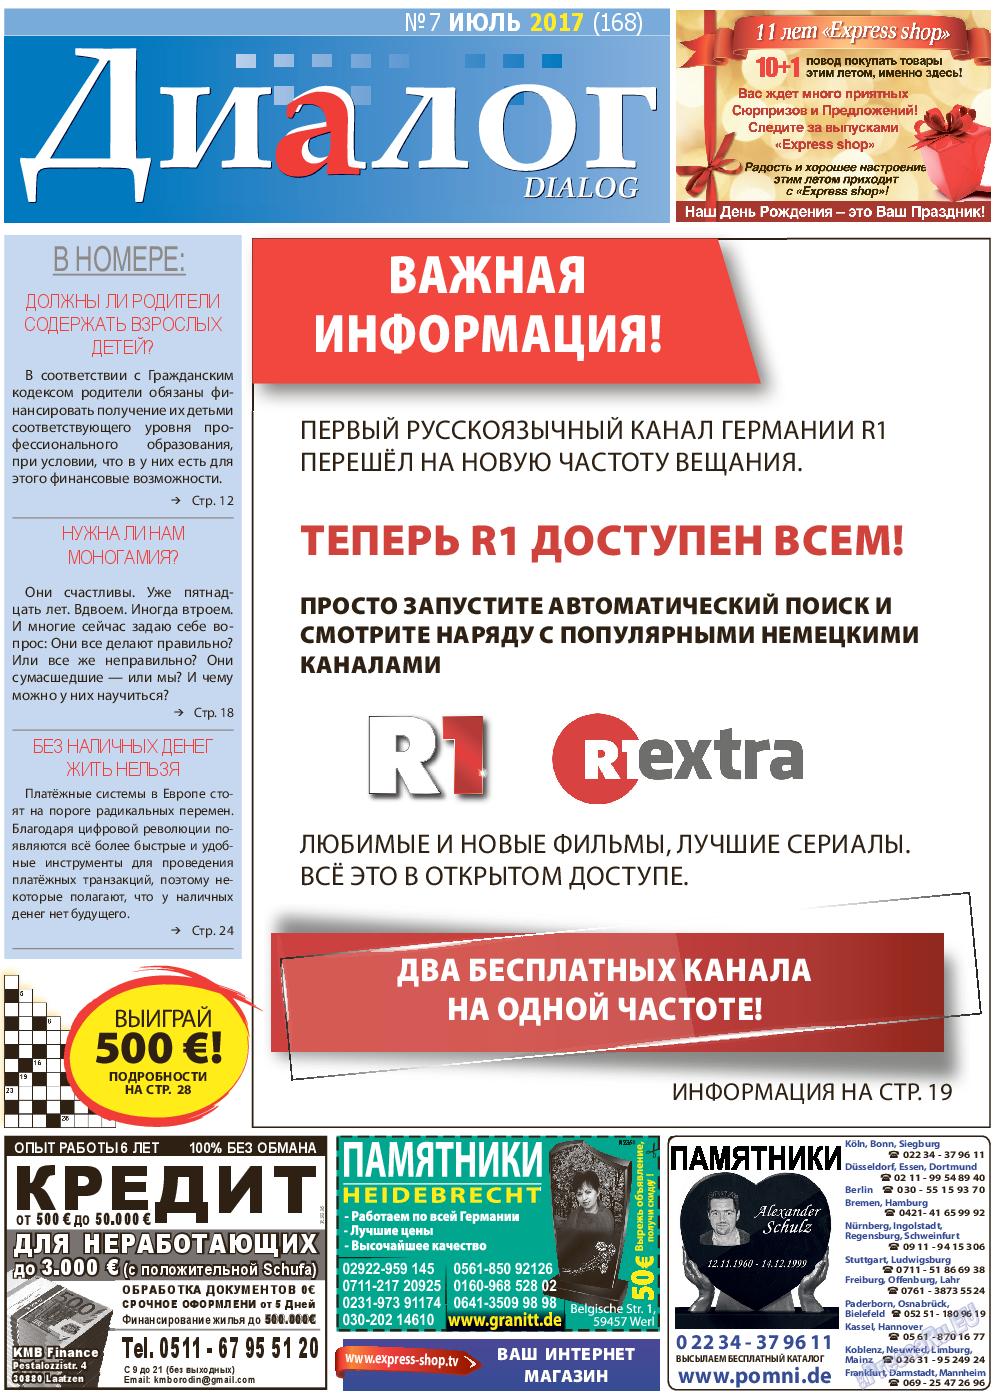 Диалог (газета). 2017 год, номер 7, стр. 1